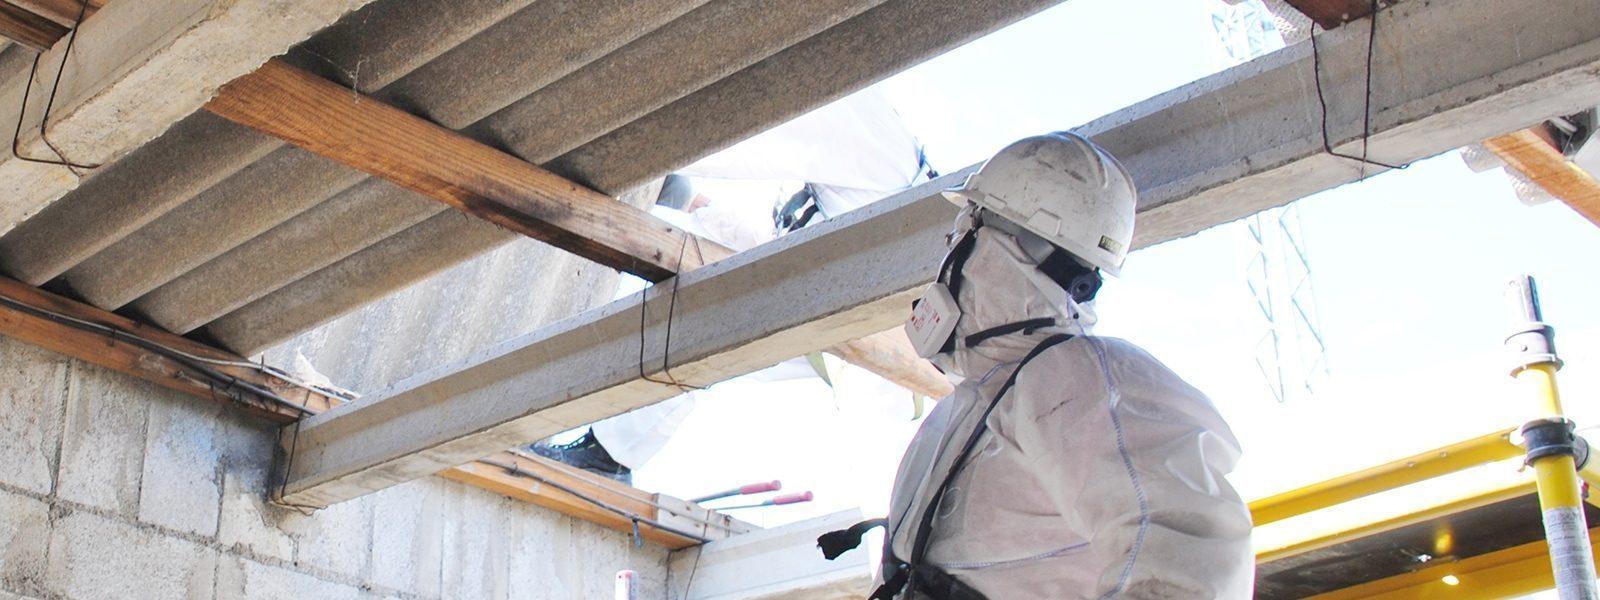 JW Demolition asbestos removal